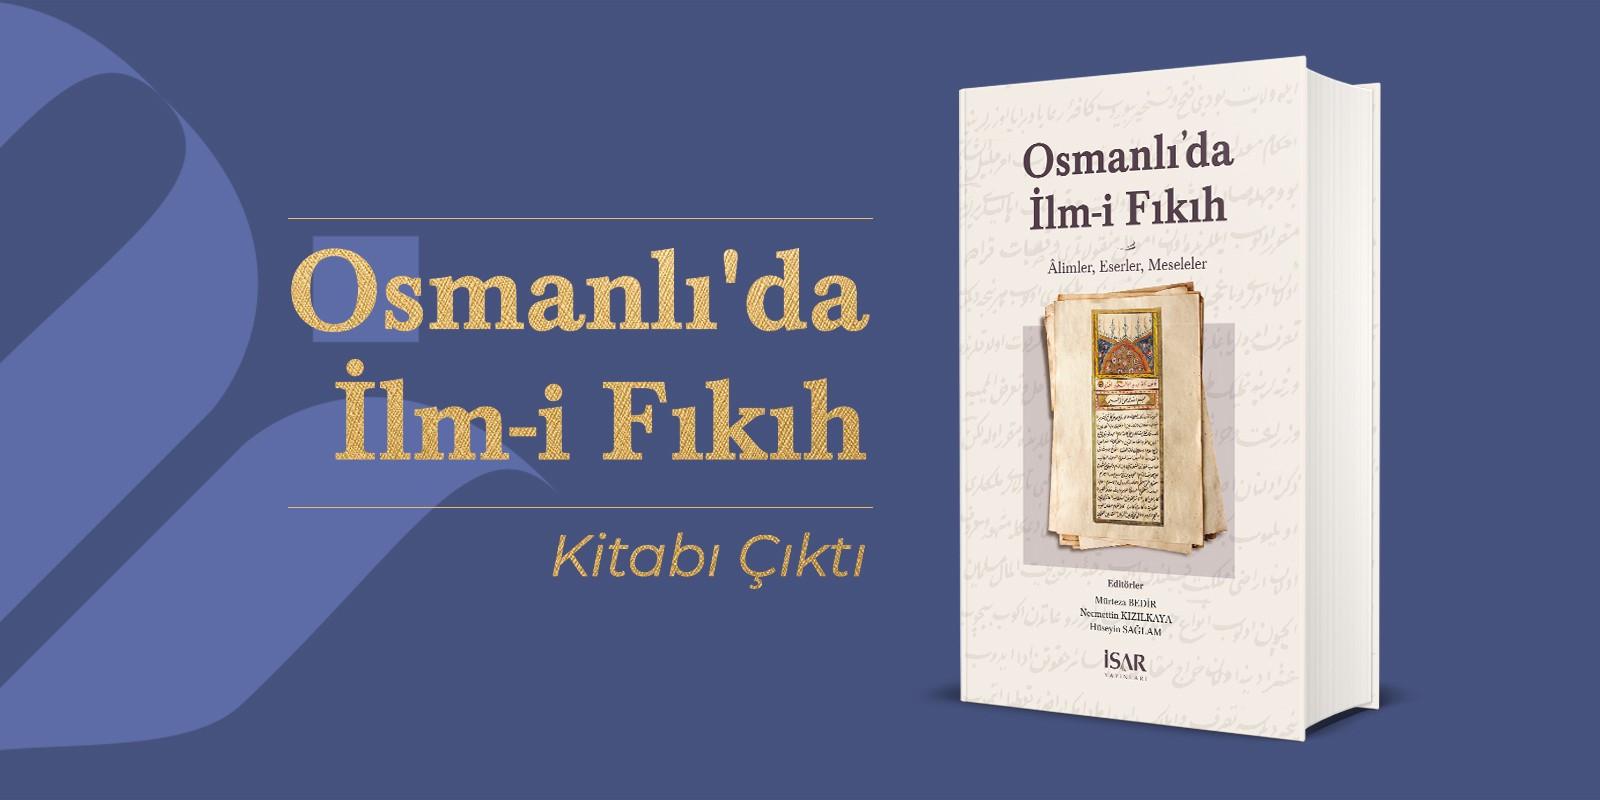 Osmanlı'da İlm-i Fıkıh Kitabı Çıktı